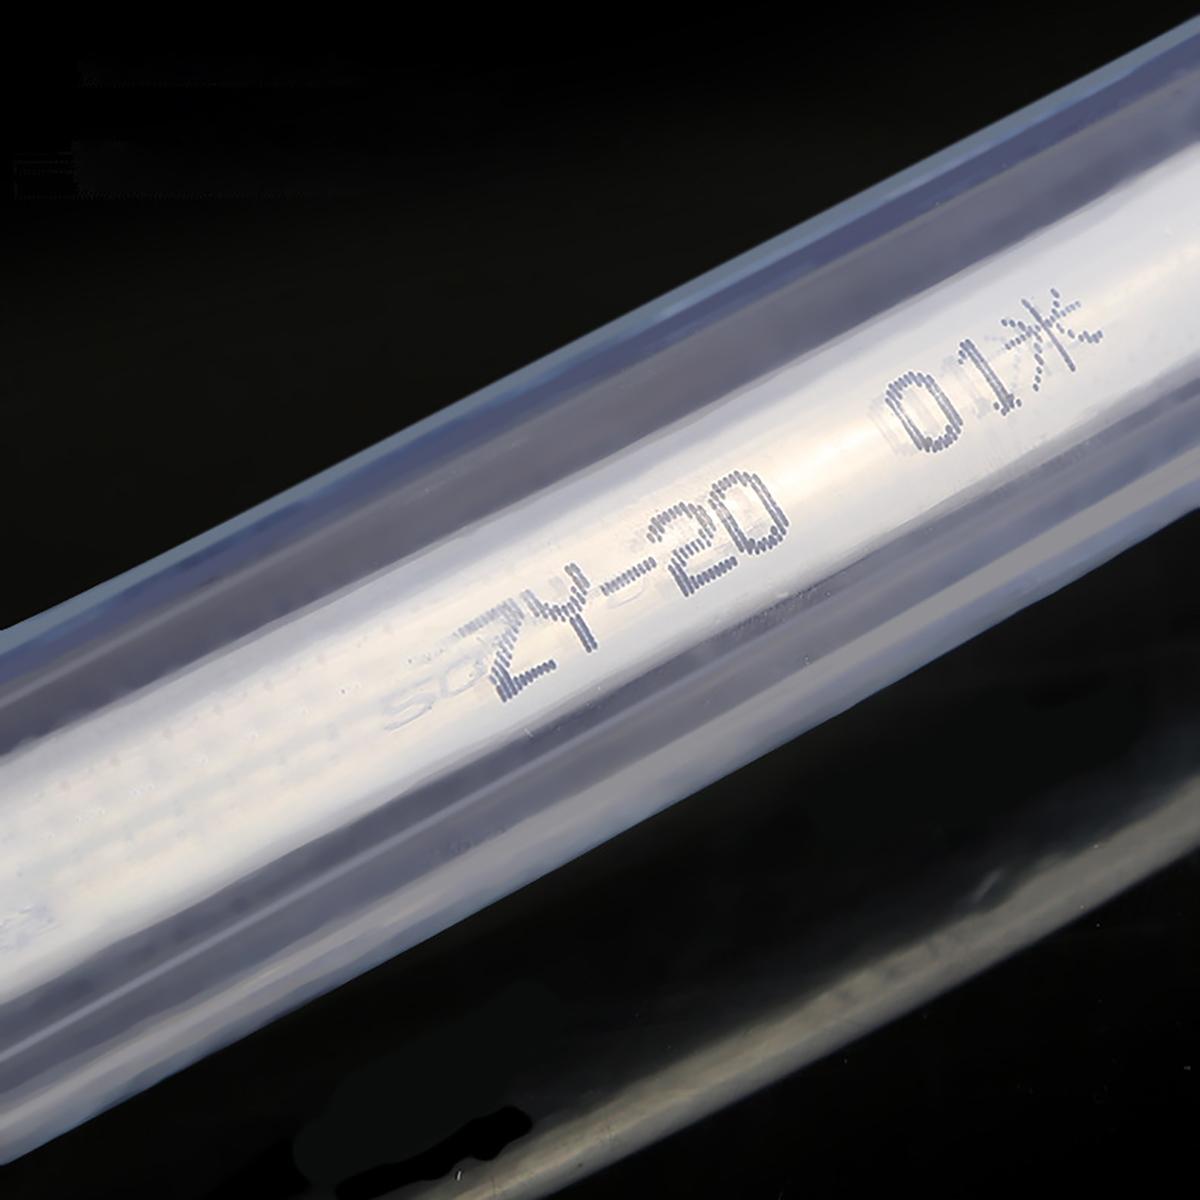 1M PVC Oxygen Soft Clear Suction Hose Air Bubble Aquarium Fish Tank Pond Pump Hose